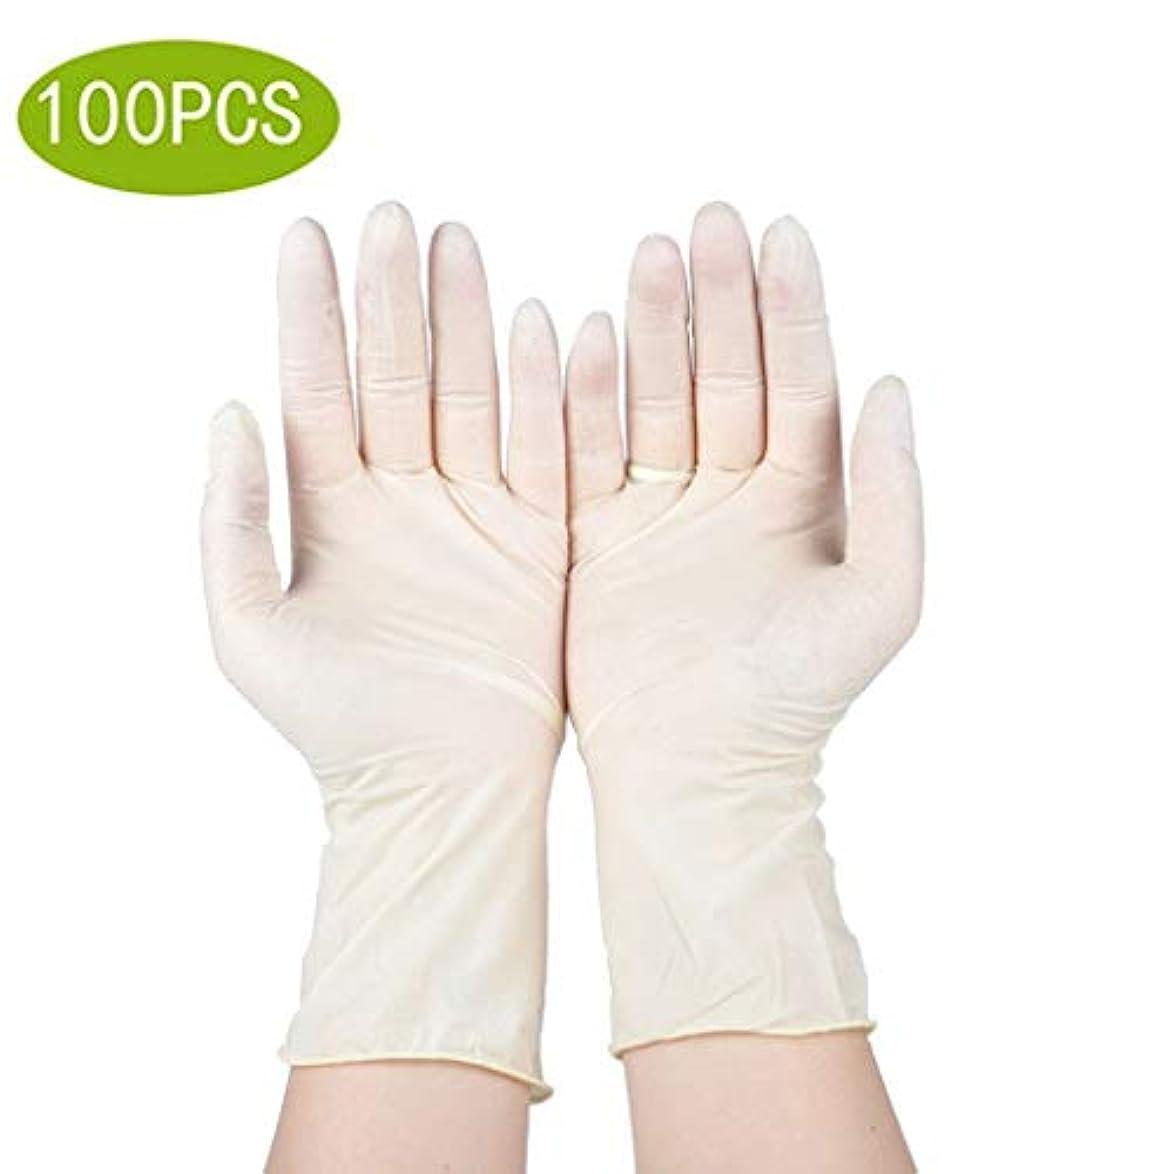 スチュワード貢献大臣ニトリル試験用手袋 - 医療用グレード、パウダーフリー、ラテックスラバーフリー、使い捨て、ラテックスグローブ食品安全ラテックスグローブ (Color : Latex Gloves, Size : L)